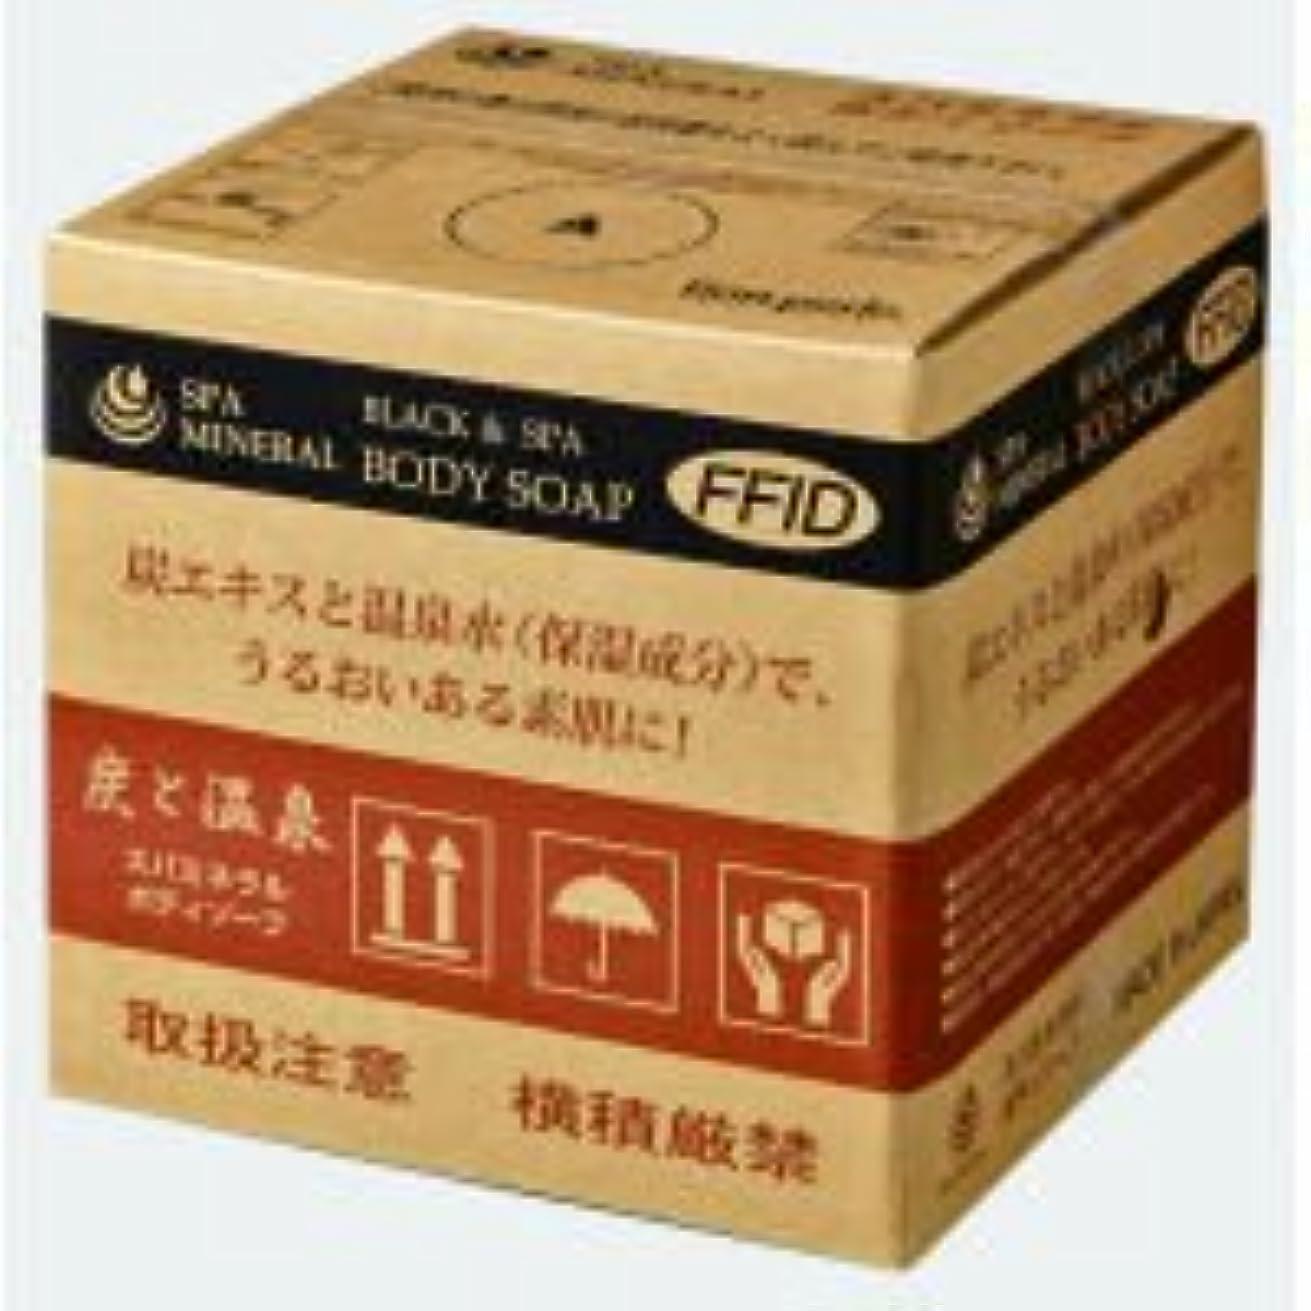 ほんの姿を消す悪性スパミネラル 炭ボディソープ 20kg 詰替用